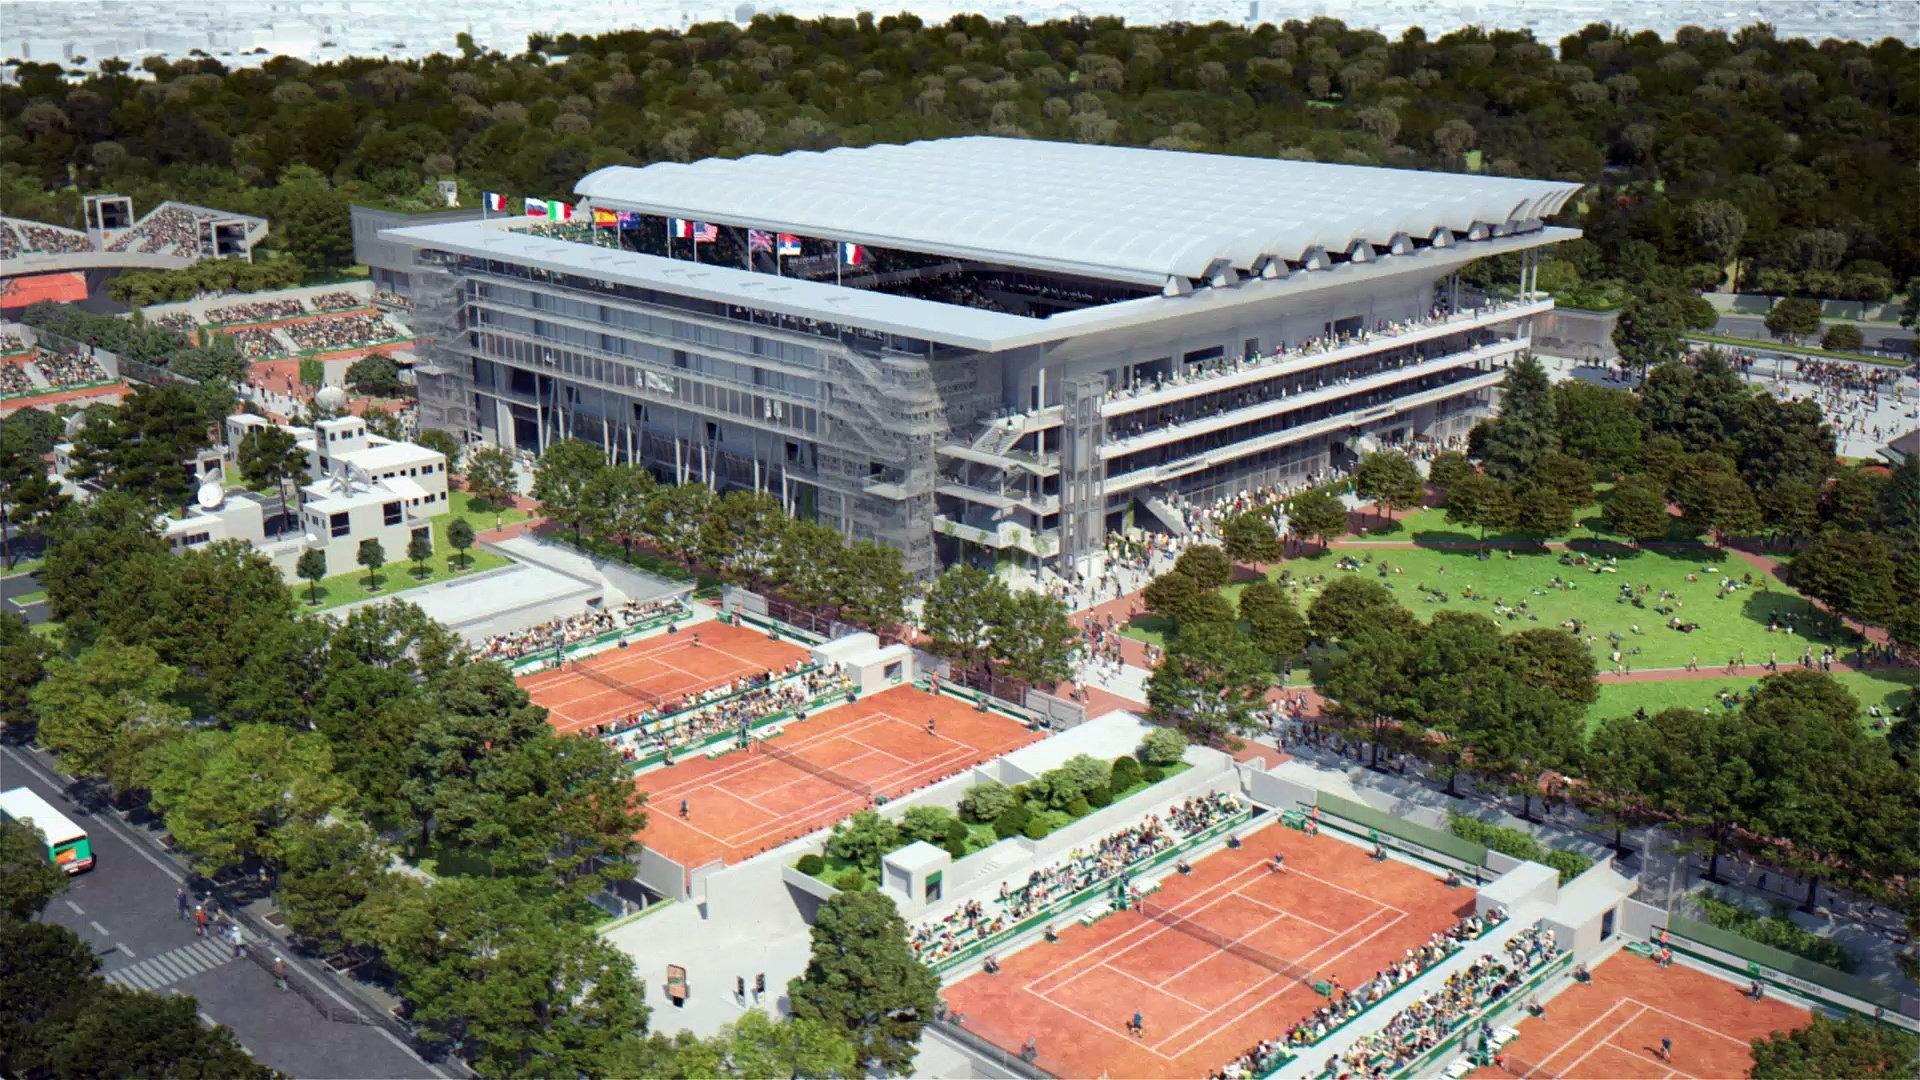 Le nouveau Roland Garros ©Photo : FFT MEDIA